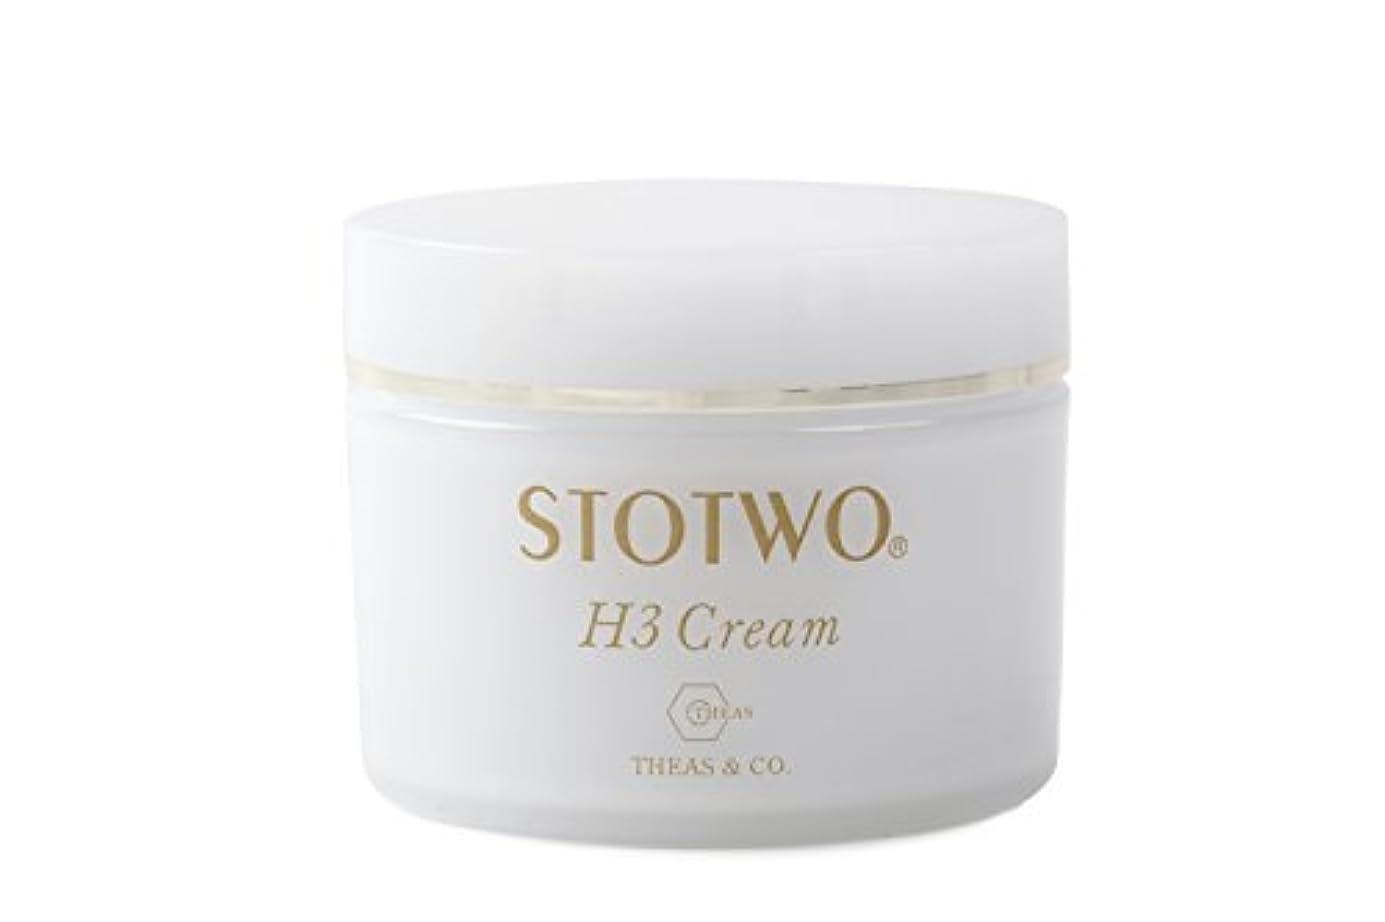 汚染された幹不測の事態ストツ(STOTWO)H3 クリームヒアルロン酸 25g